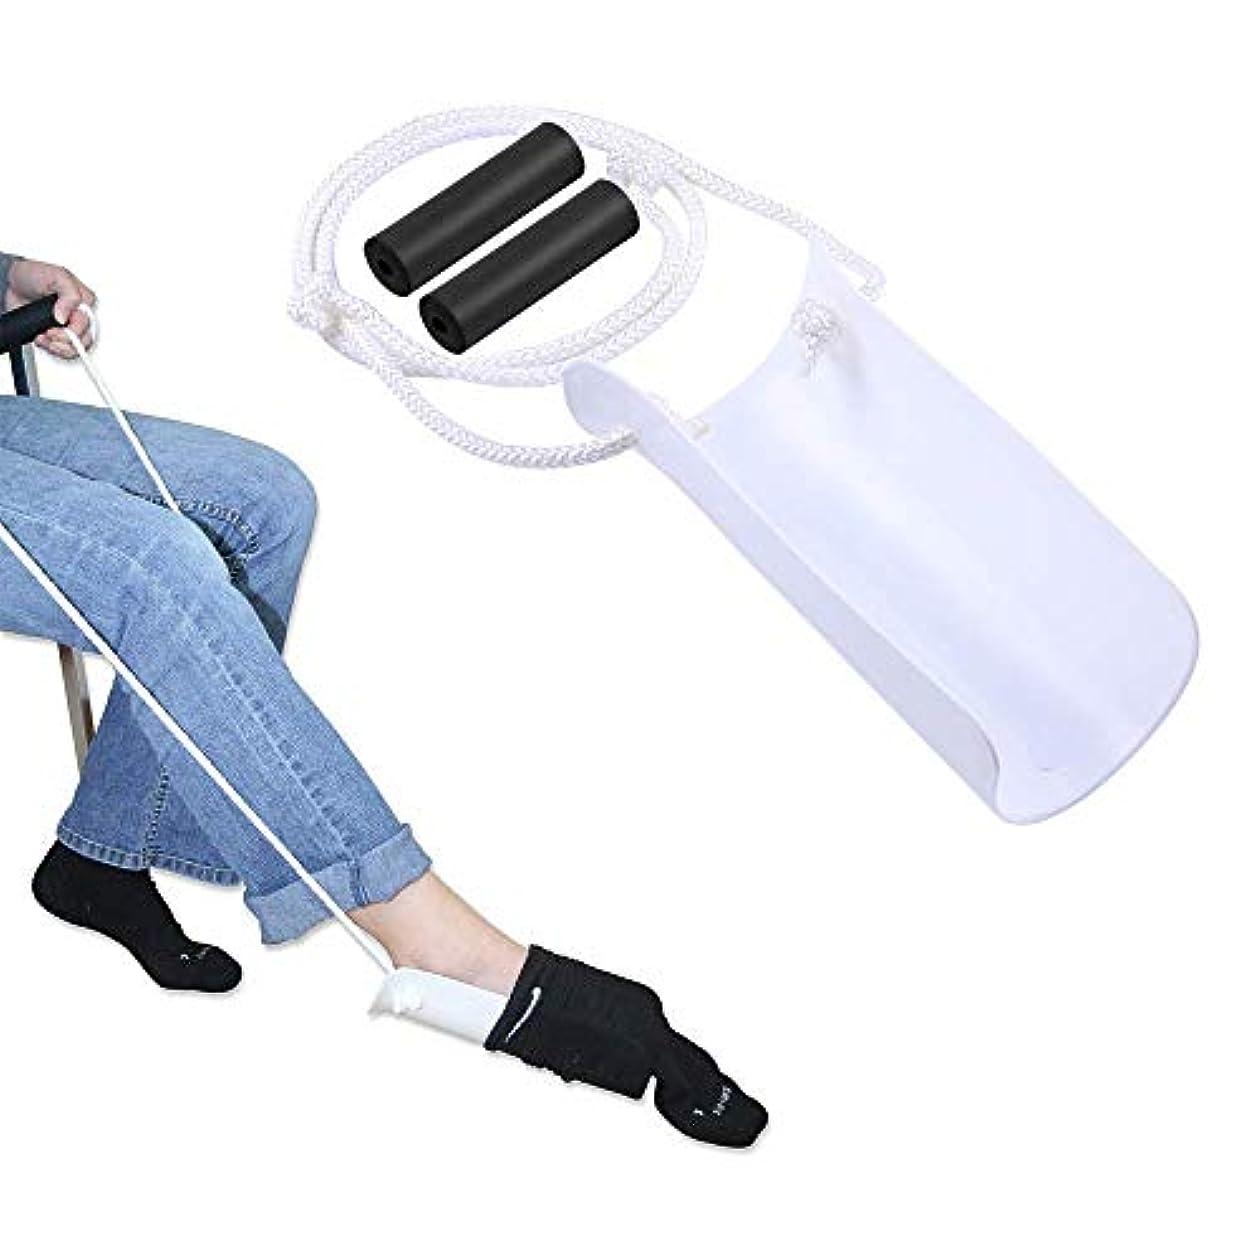 平和な文房具定義するソックスエイド - 簡単オンとオフストッキングスライダー - アシスト装置引っ張るドナー - コンプレッションソックスヘルパー補佐官ツール - プラー高齢者、シニア、妊娠、糖尿病患者のために - 支援ヘルプをプルアップ